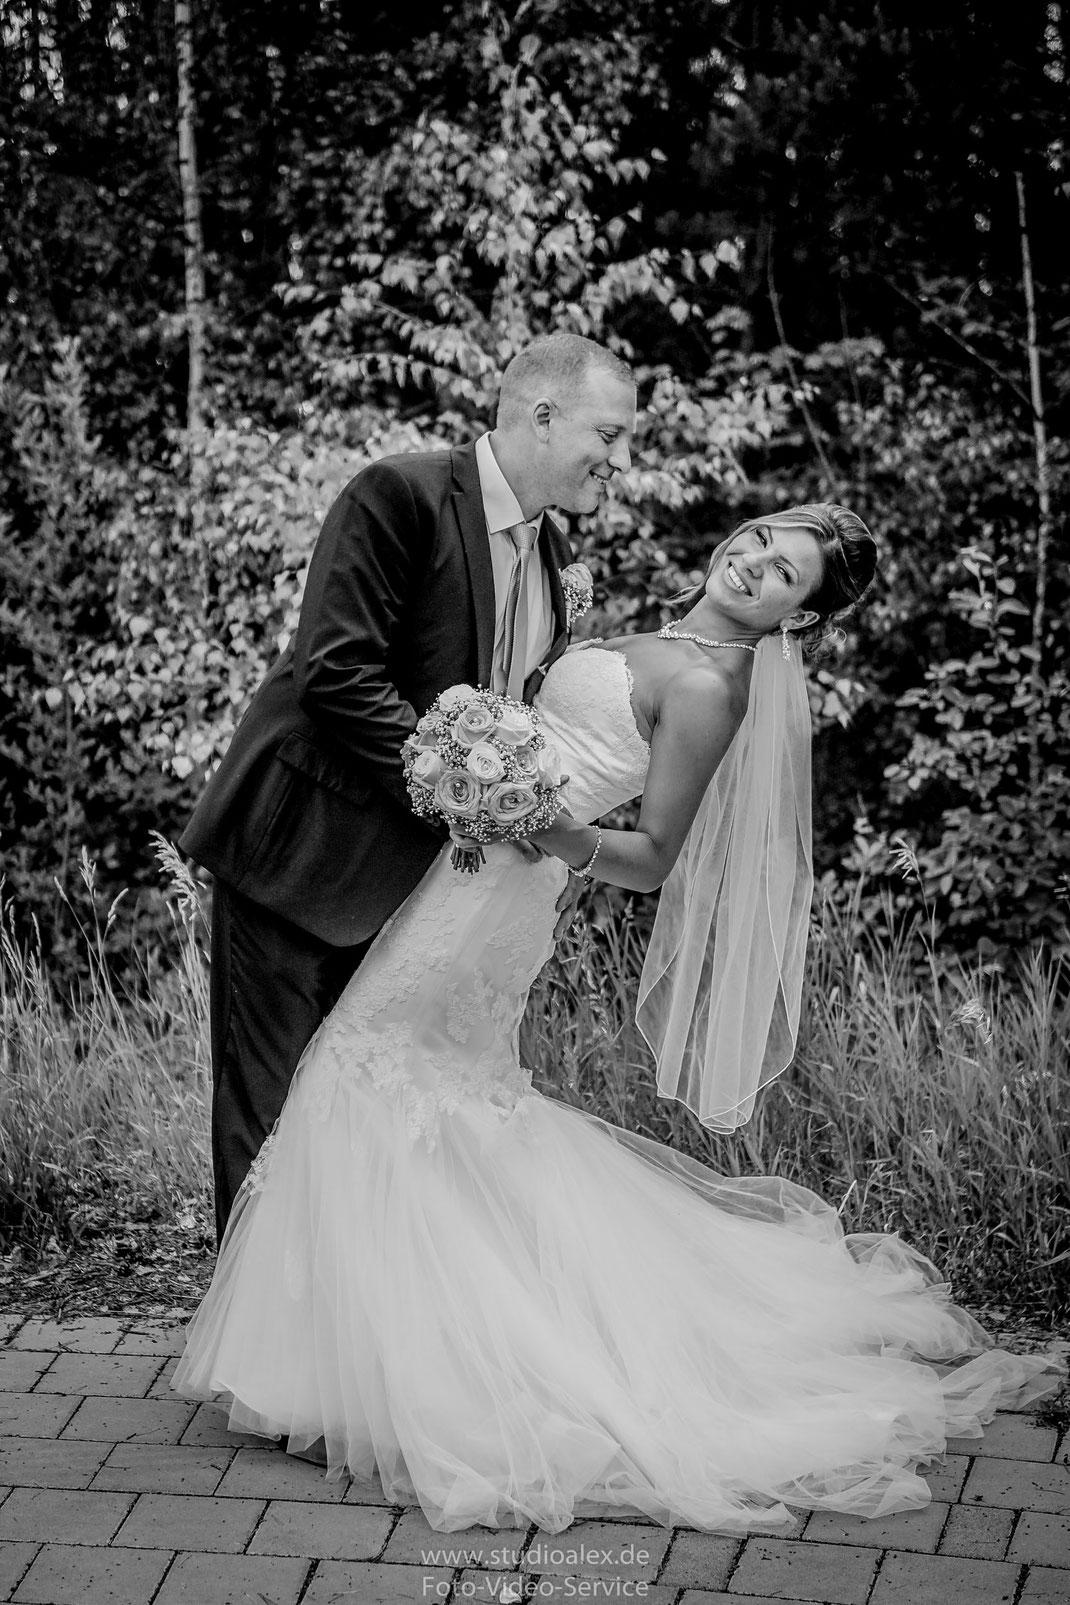 Ideen für Hochzeitsbilder, Ideen für Hochzeitsfotos, Kreative Hochzeitsfotos Roth, Hochzeitsreportage Roth, Hochzeitsfotograf Roth,